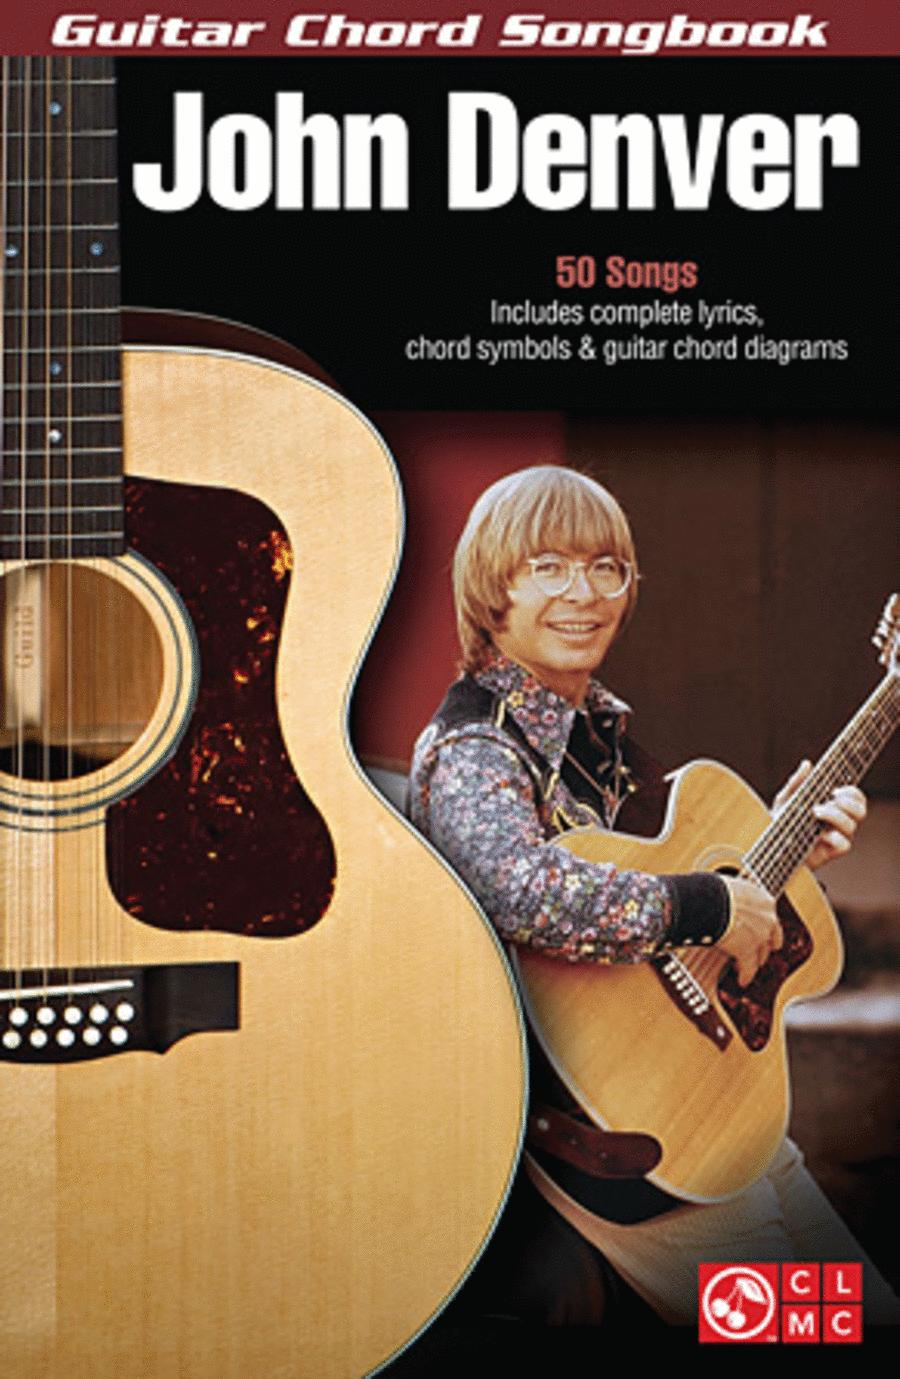 John Denver The Ultimate Collection: John Denver Sheet Music By John Denver